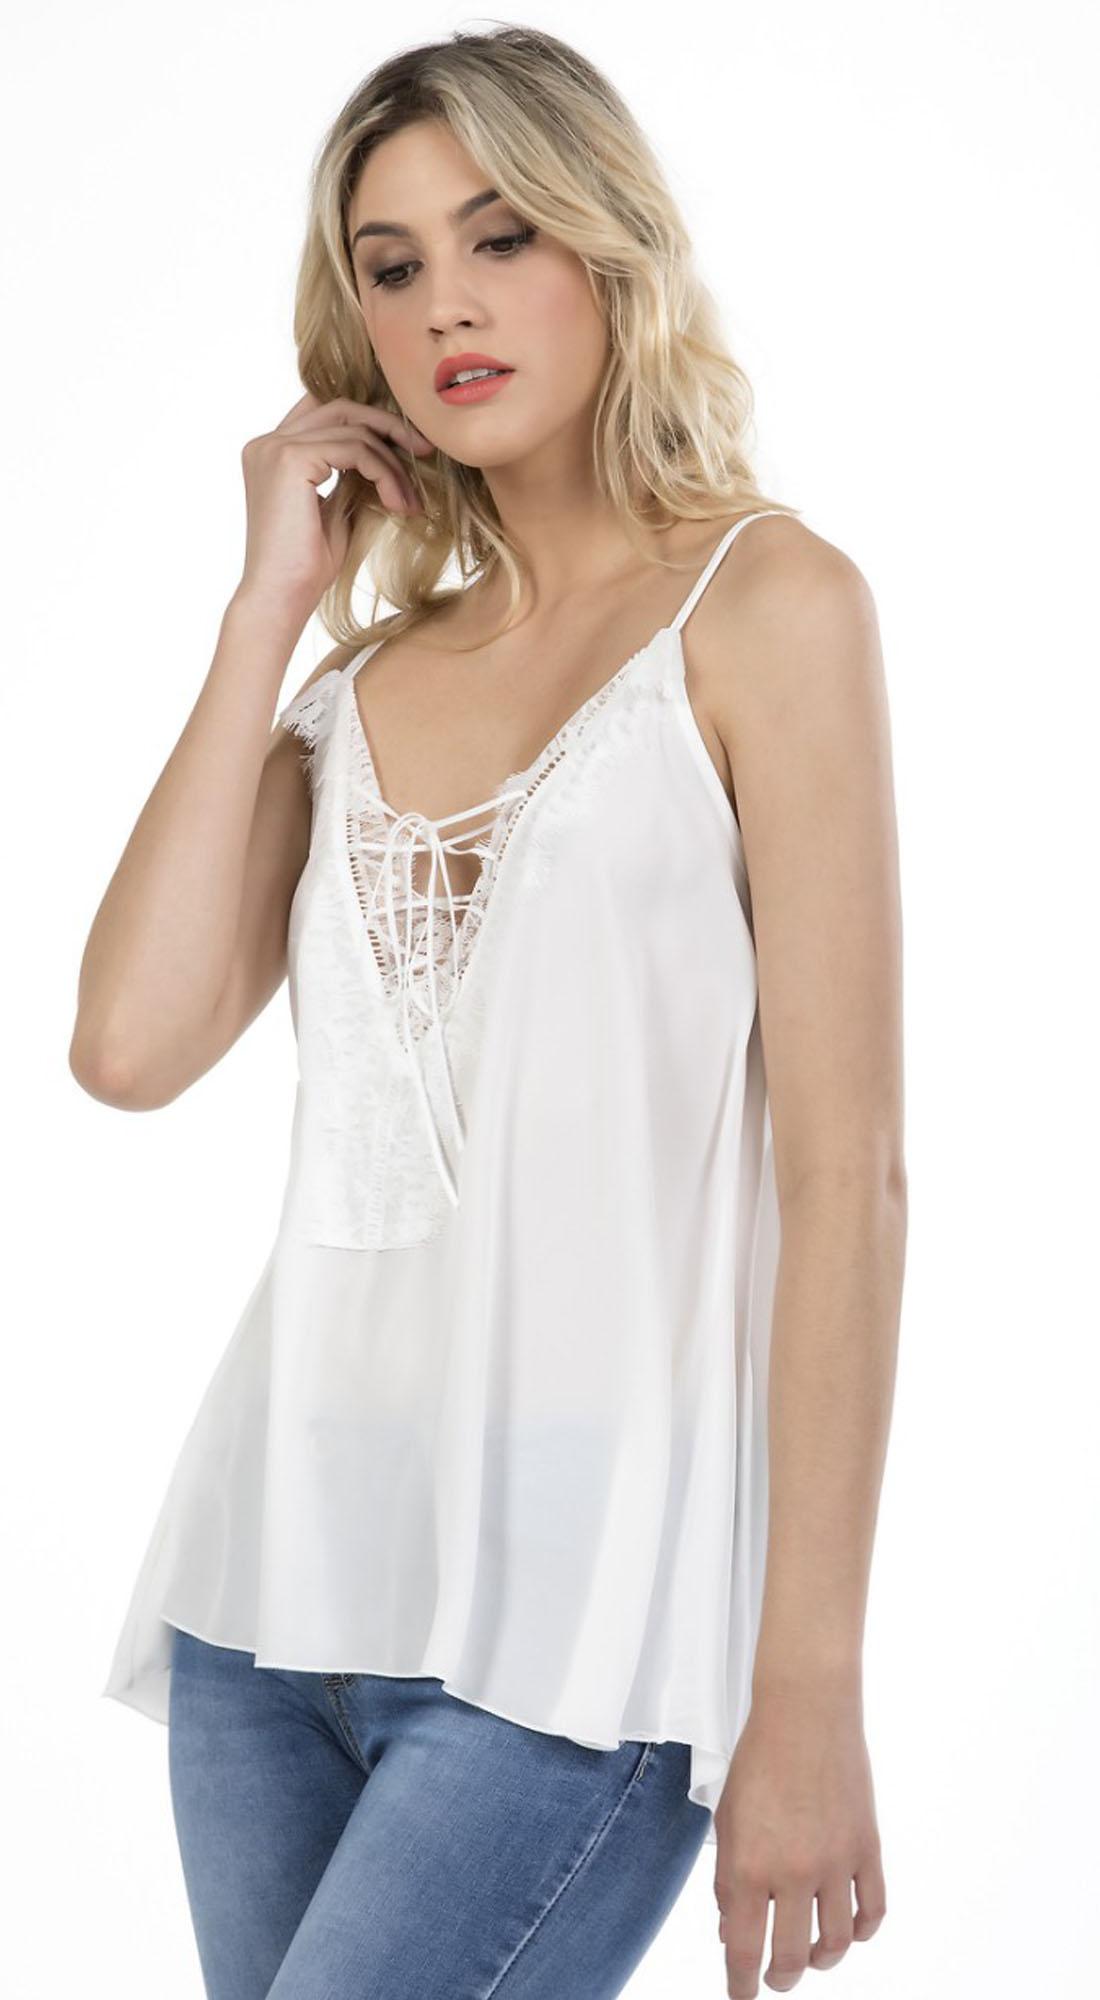 Γυναικείο Τοπ Τιραντάκι Online με Δαντέλα - OEM - S17ON-1716207 μπλούζες   t shirts elegant tops